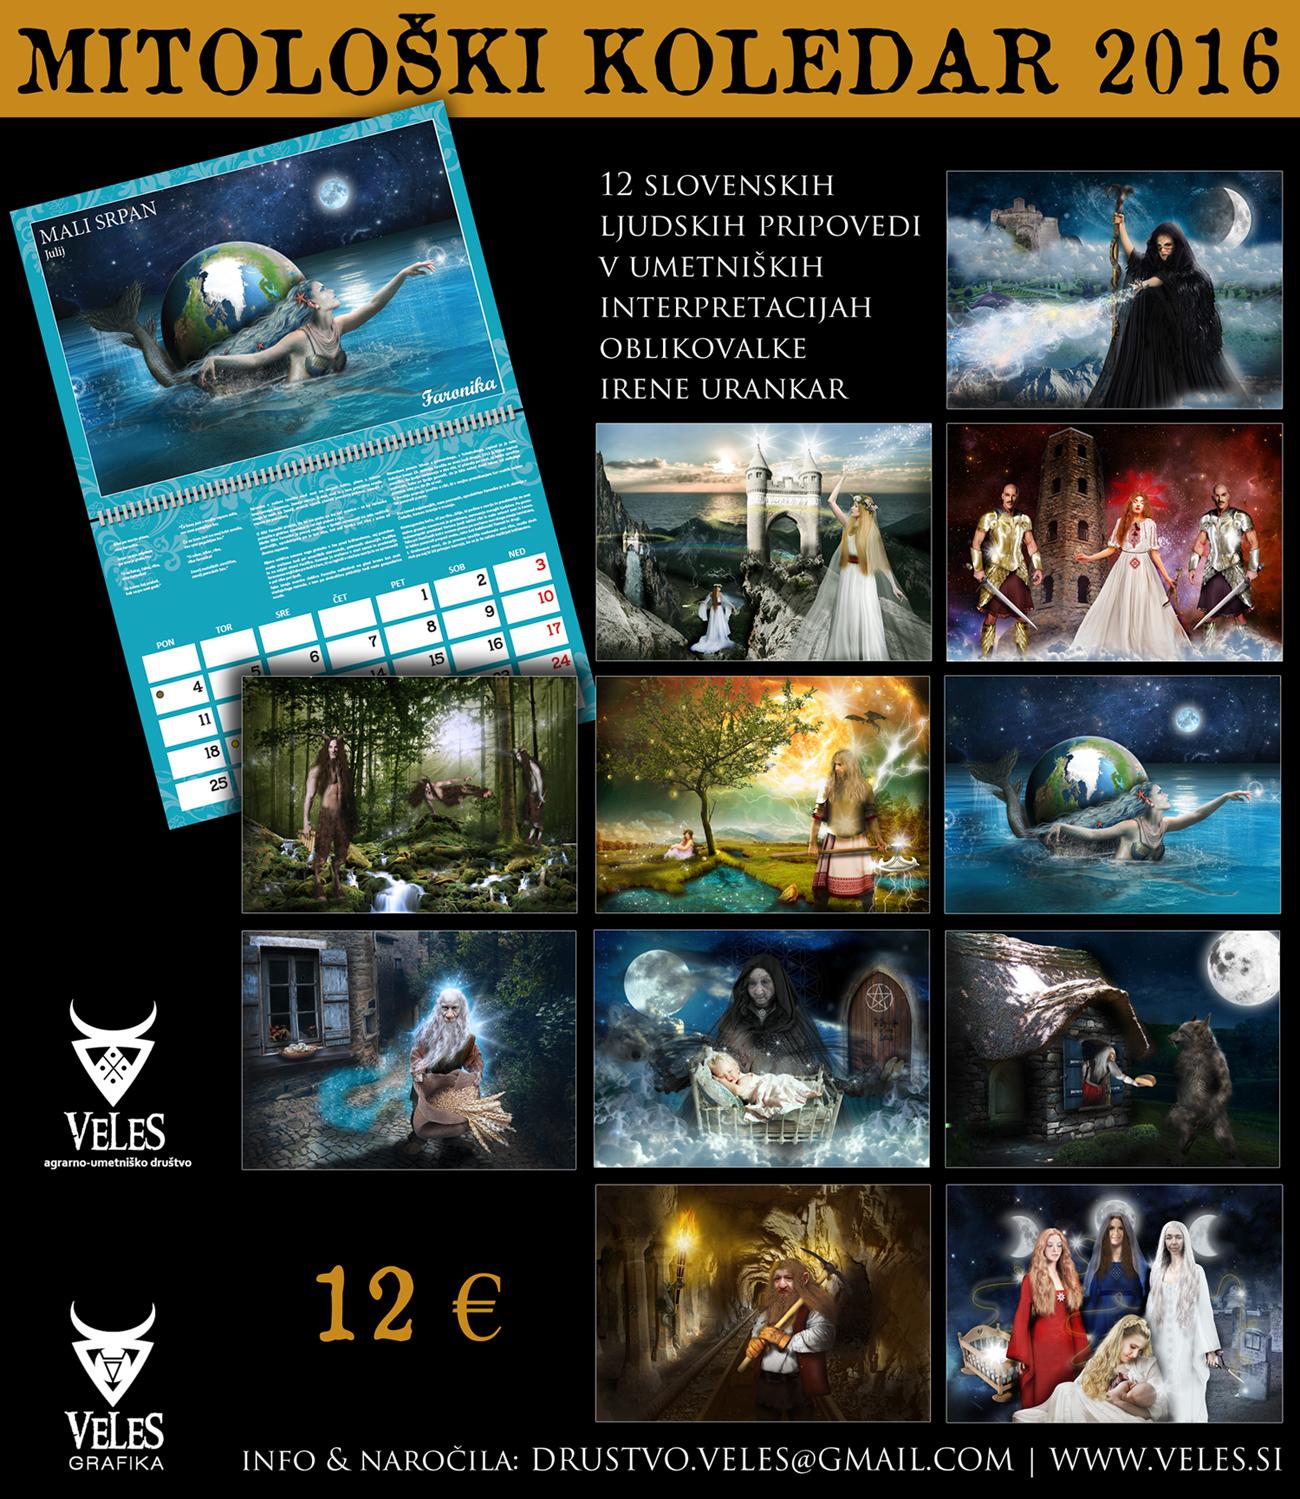 mitoloski-koledar-2016---irena-urankar